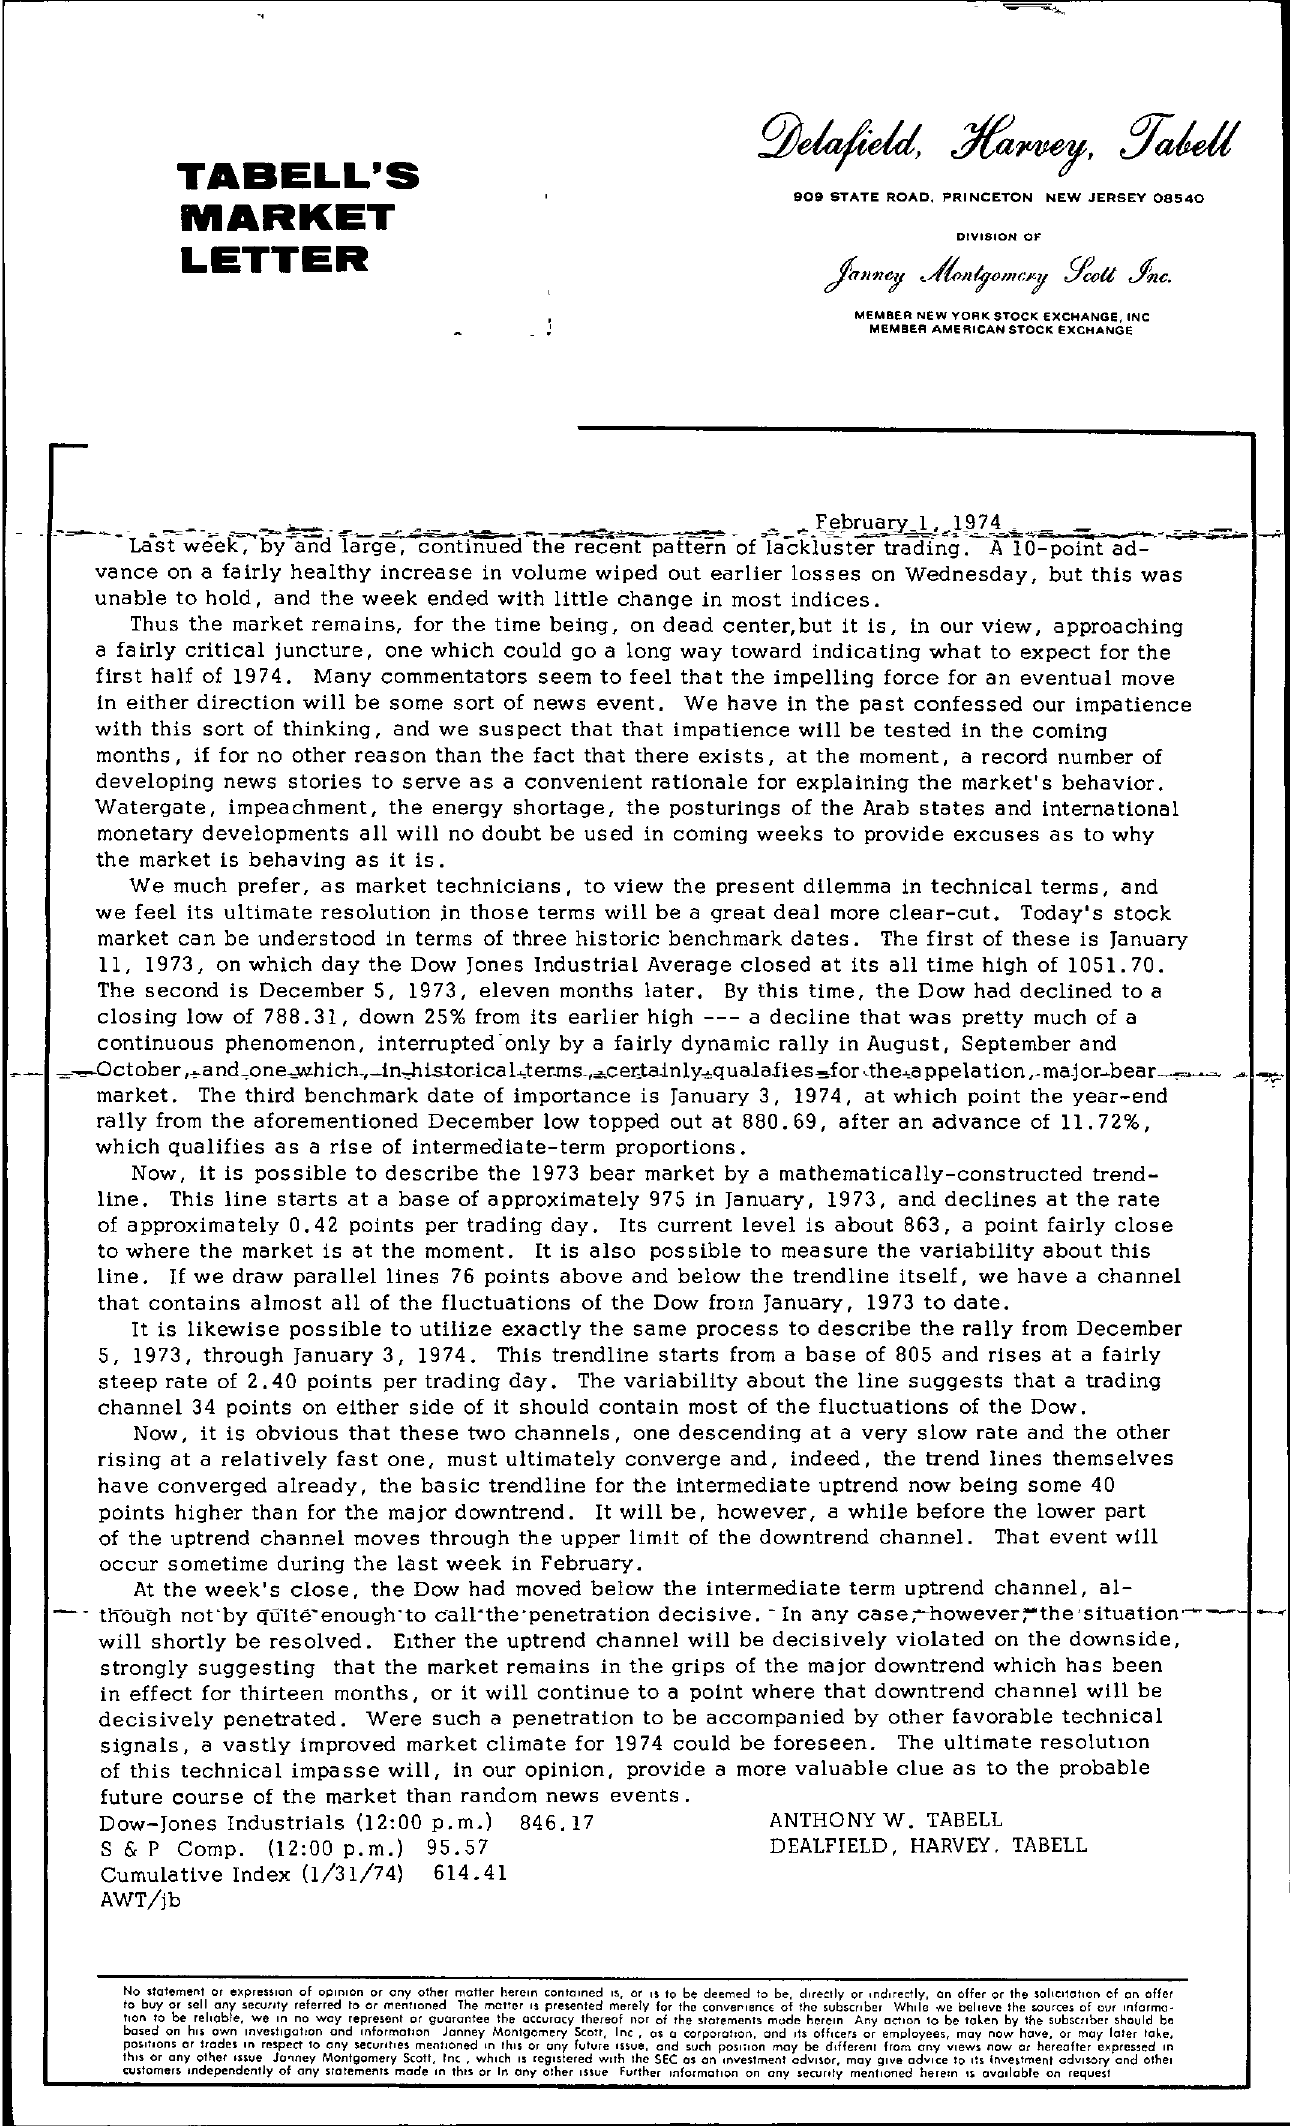 Tabell's Market Letter - February 01, 1974